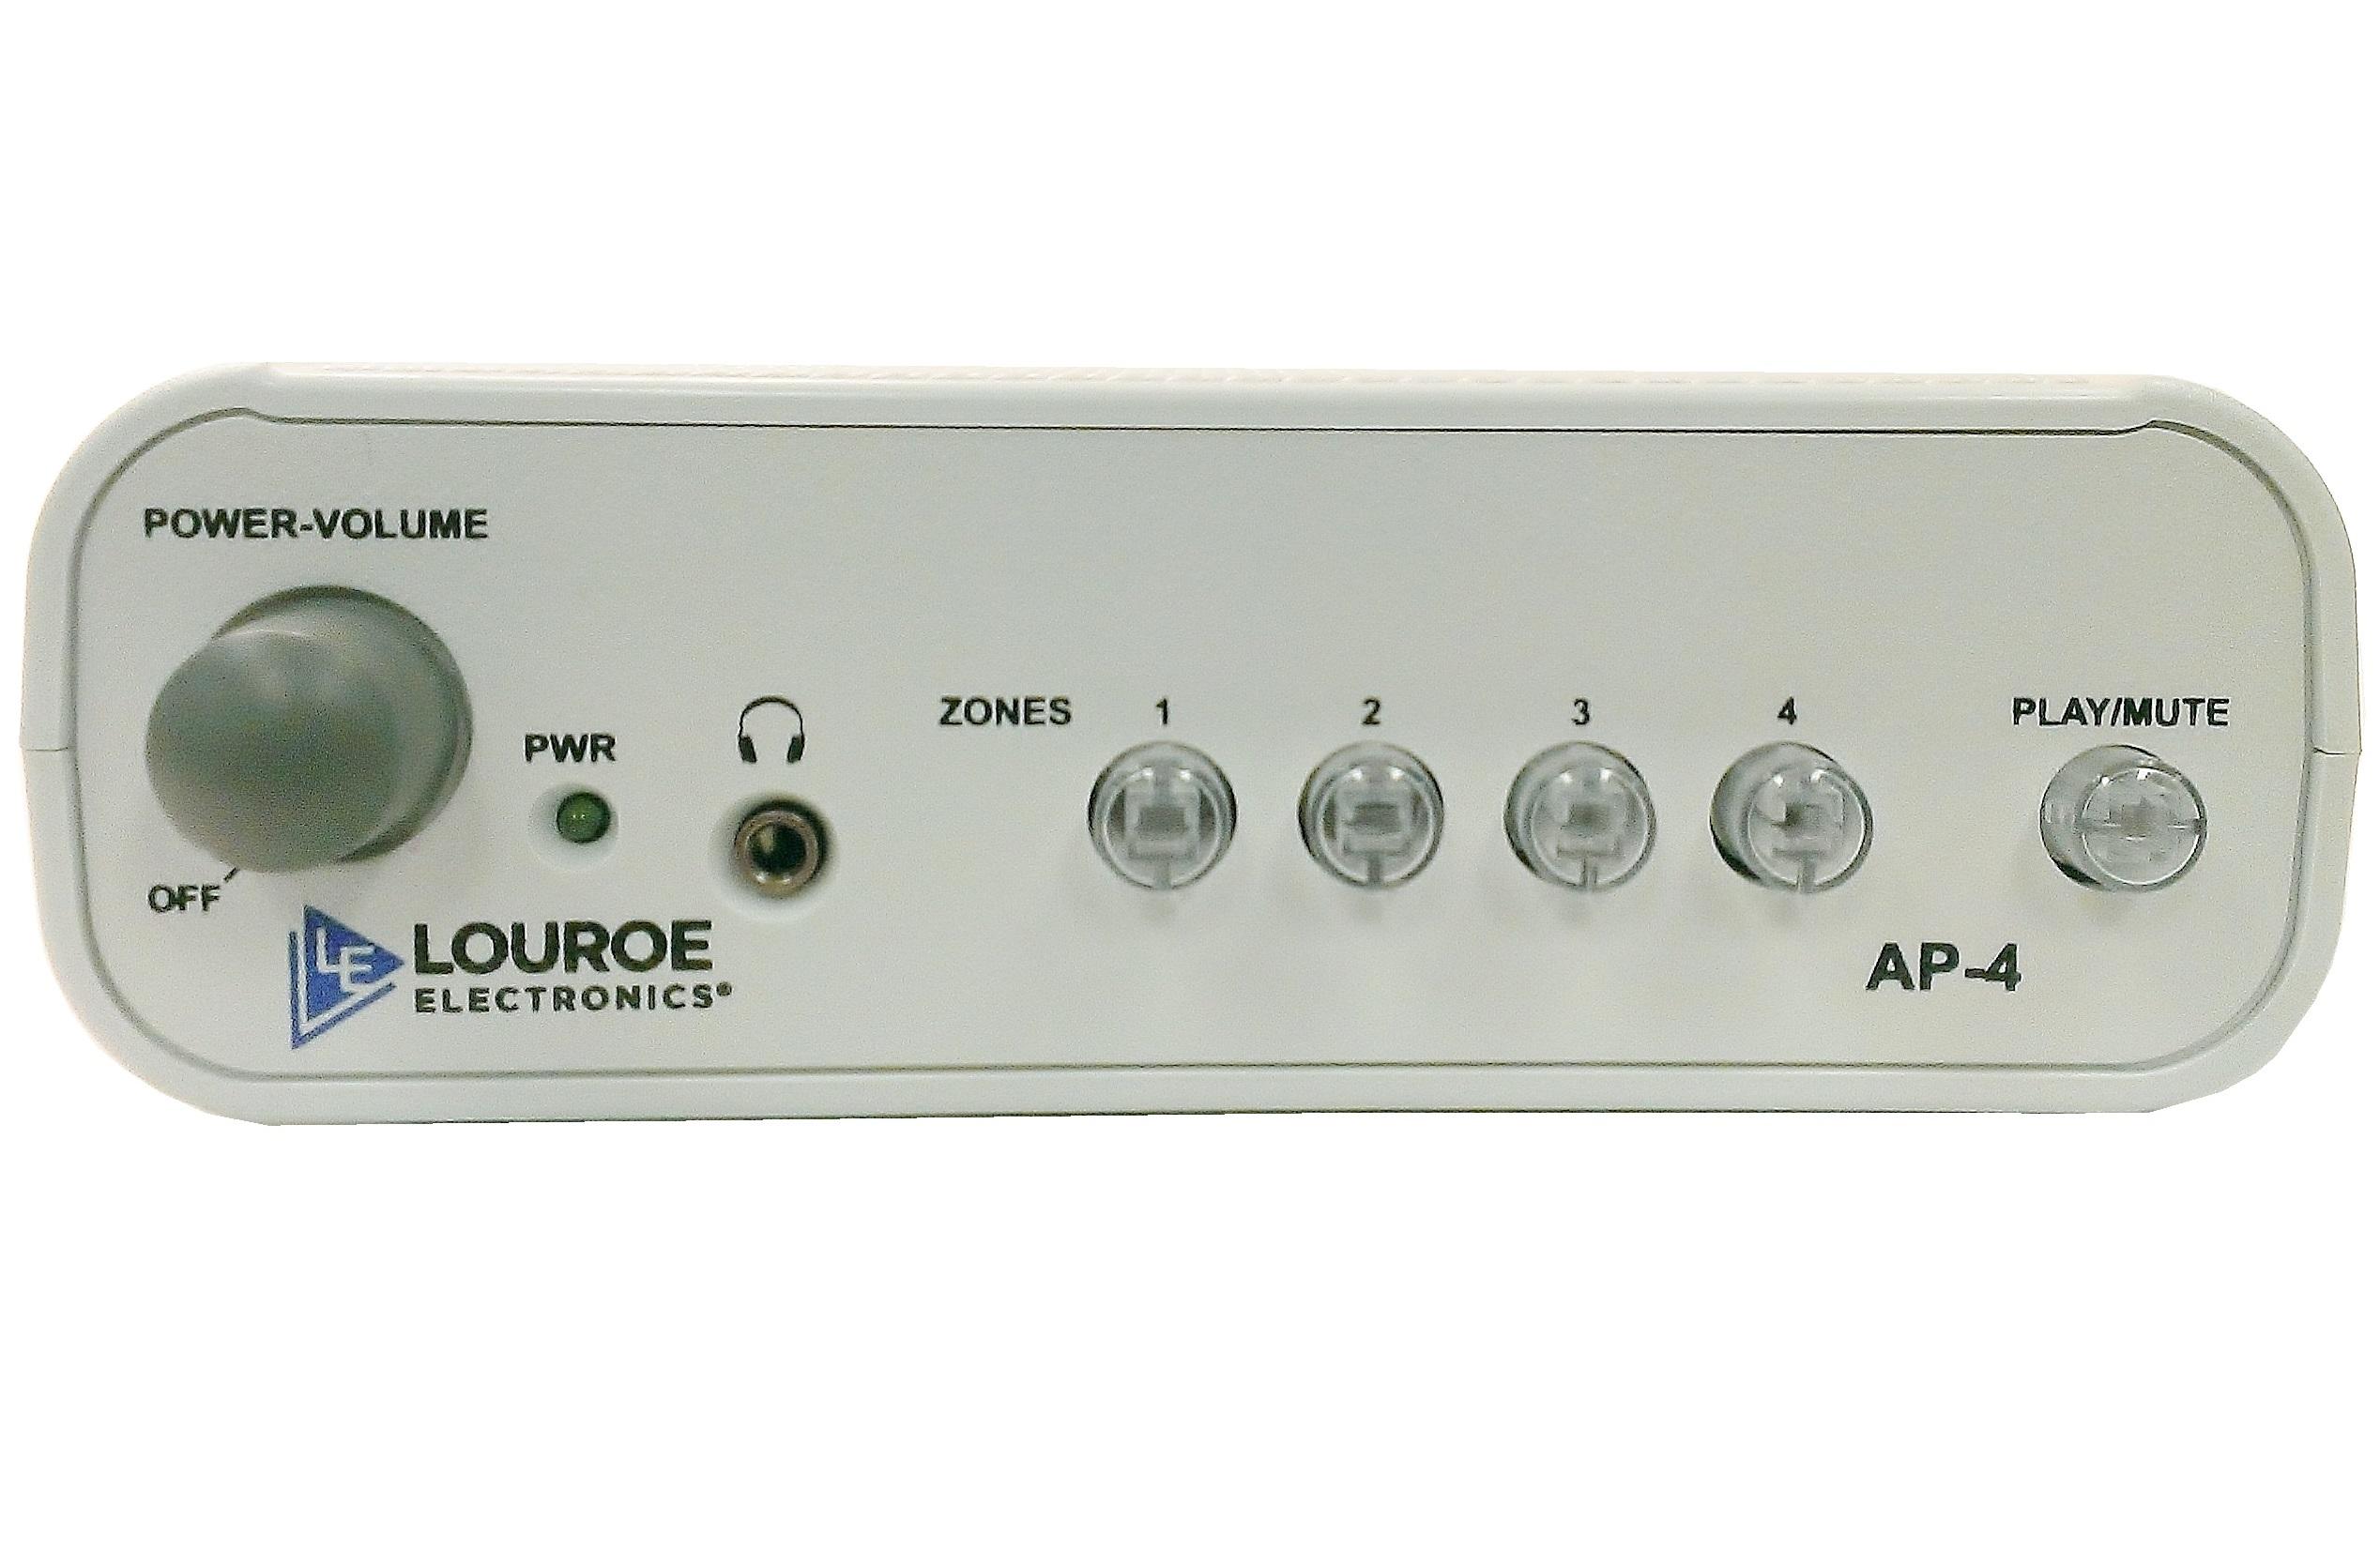 Louroe: AP-4